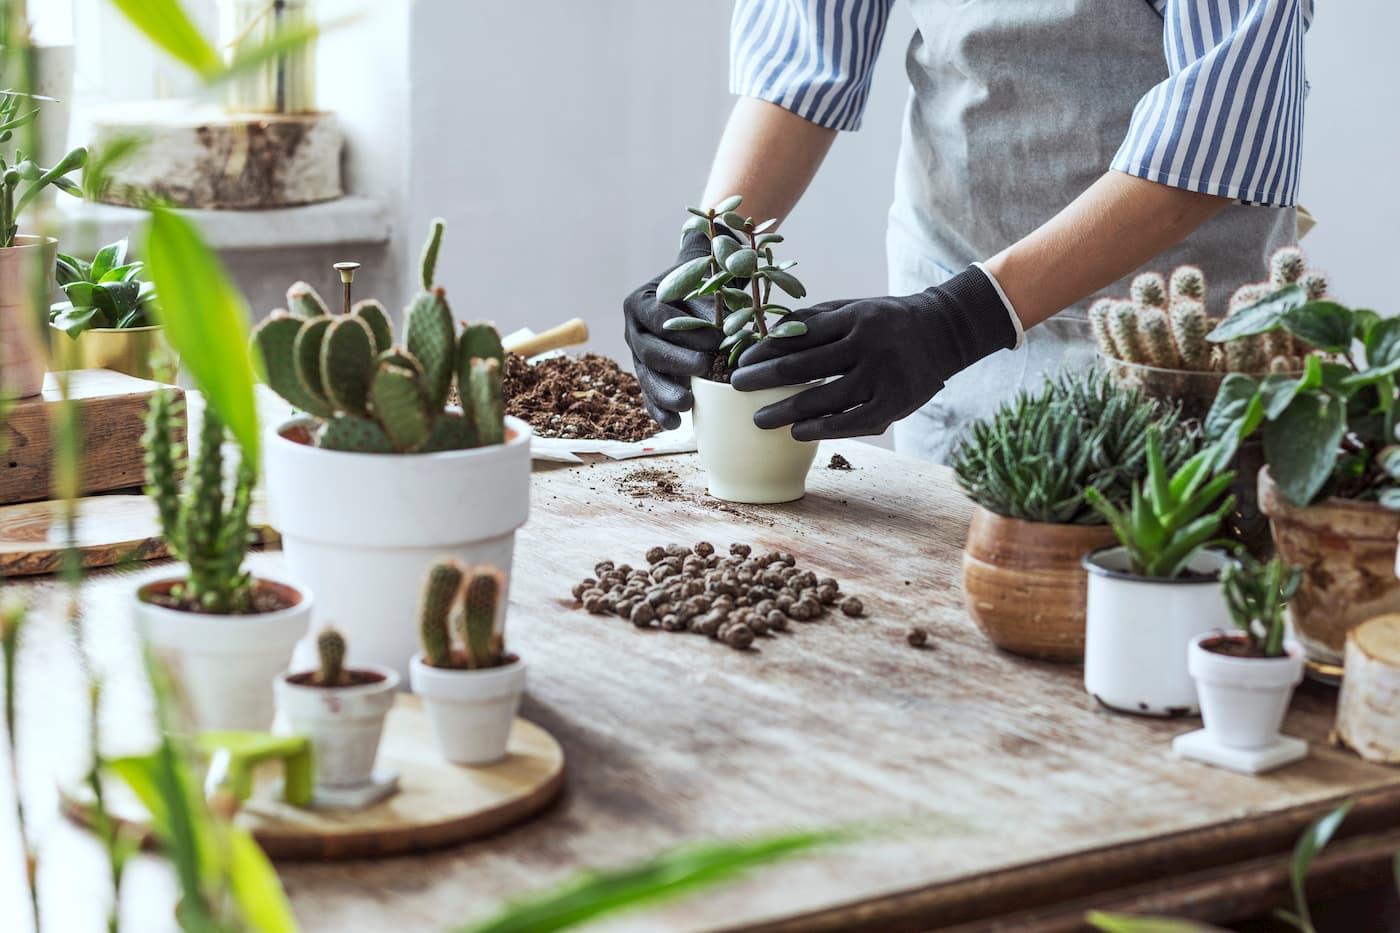 Comment Entretenir Une Plante Aloe Vera plante grasse : top 10 des plantes succulentes à posséder (+